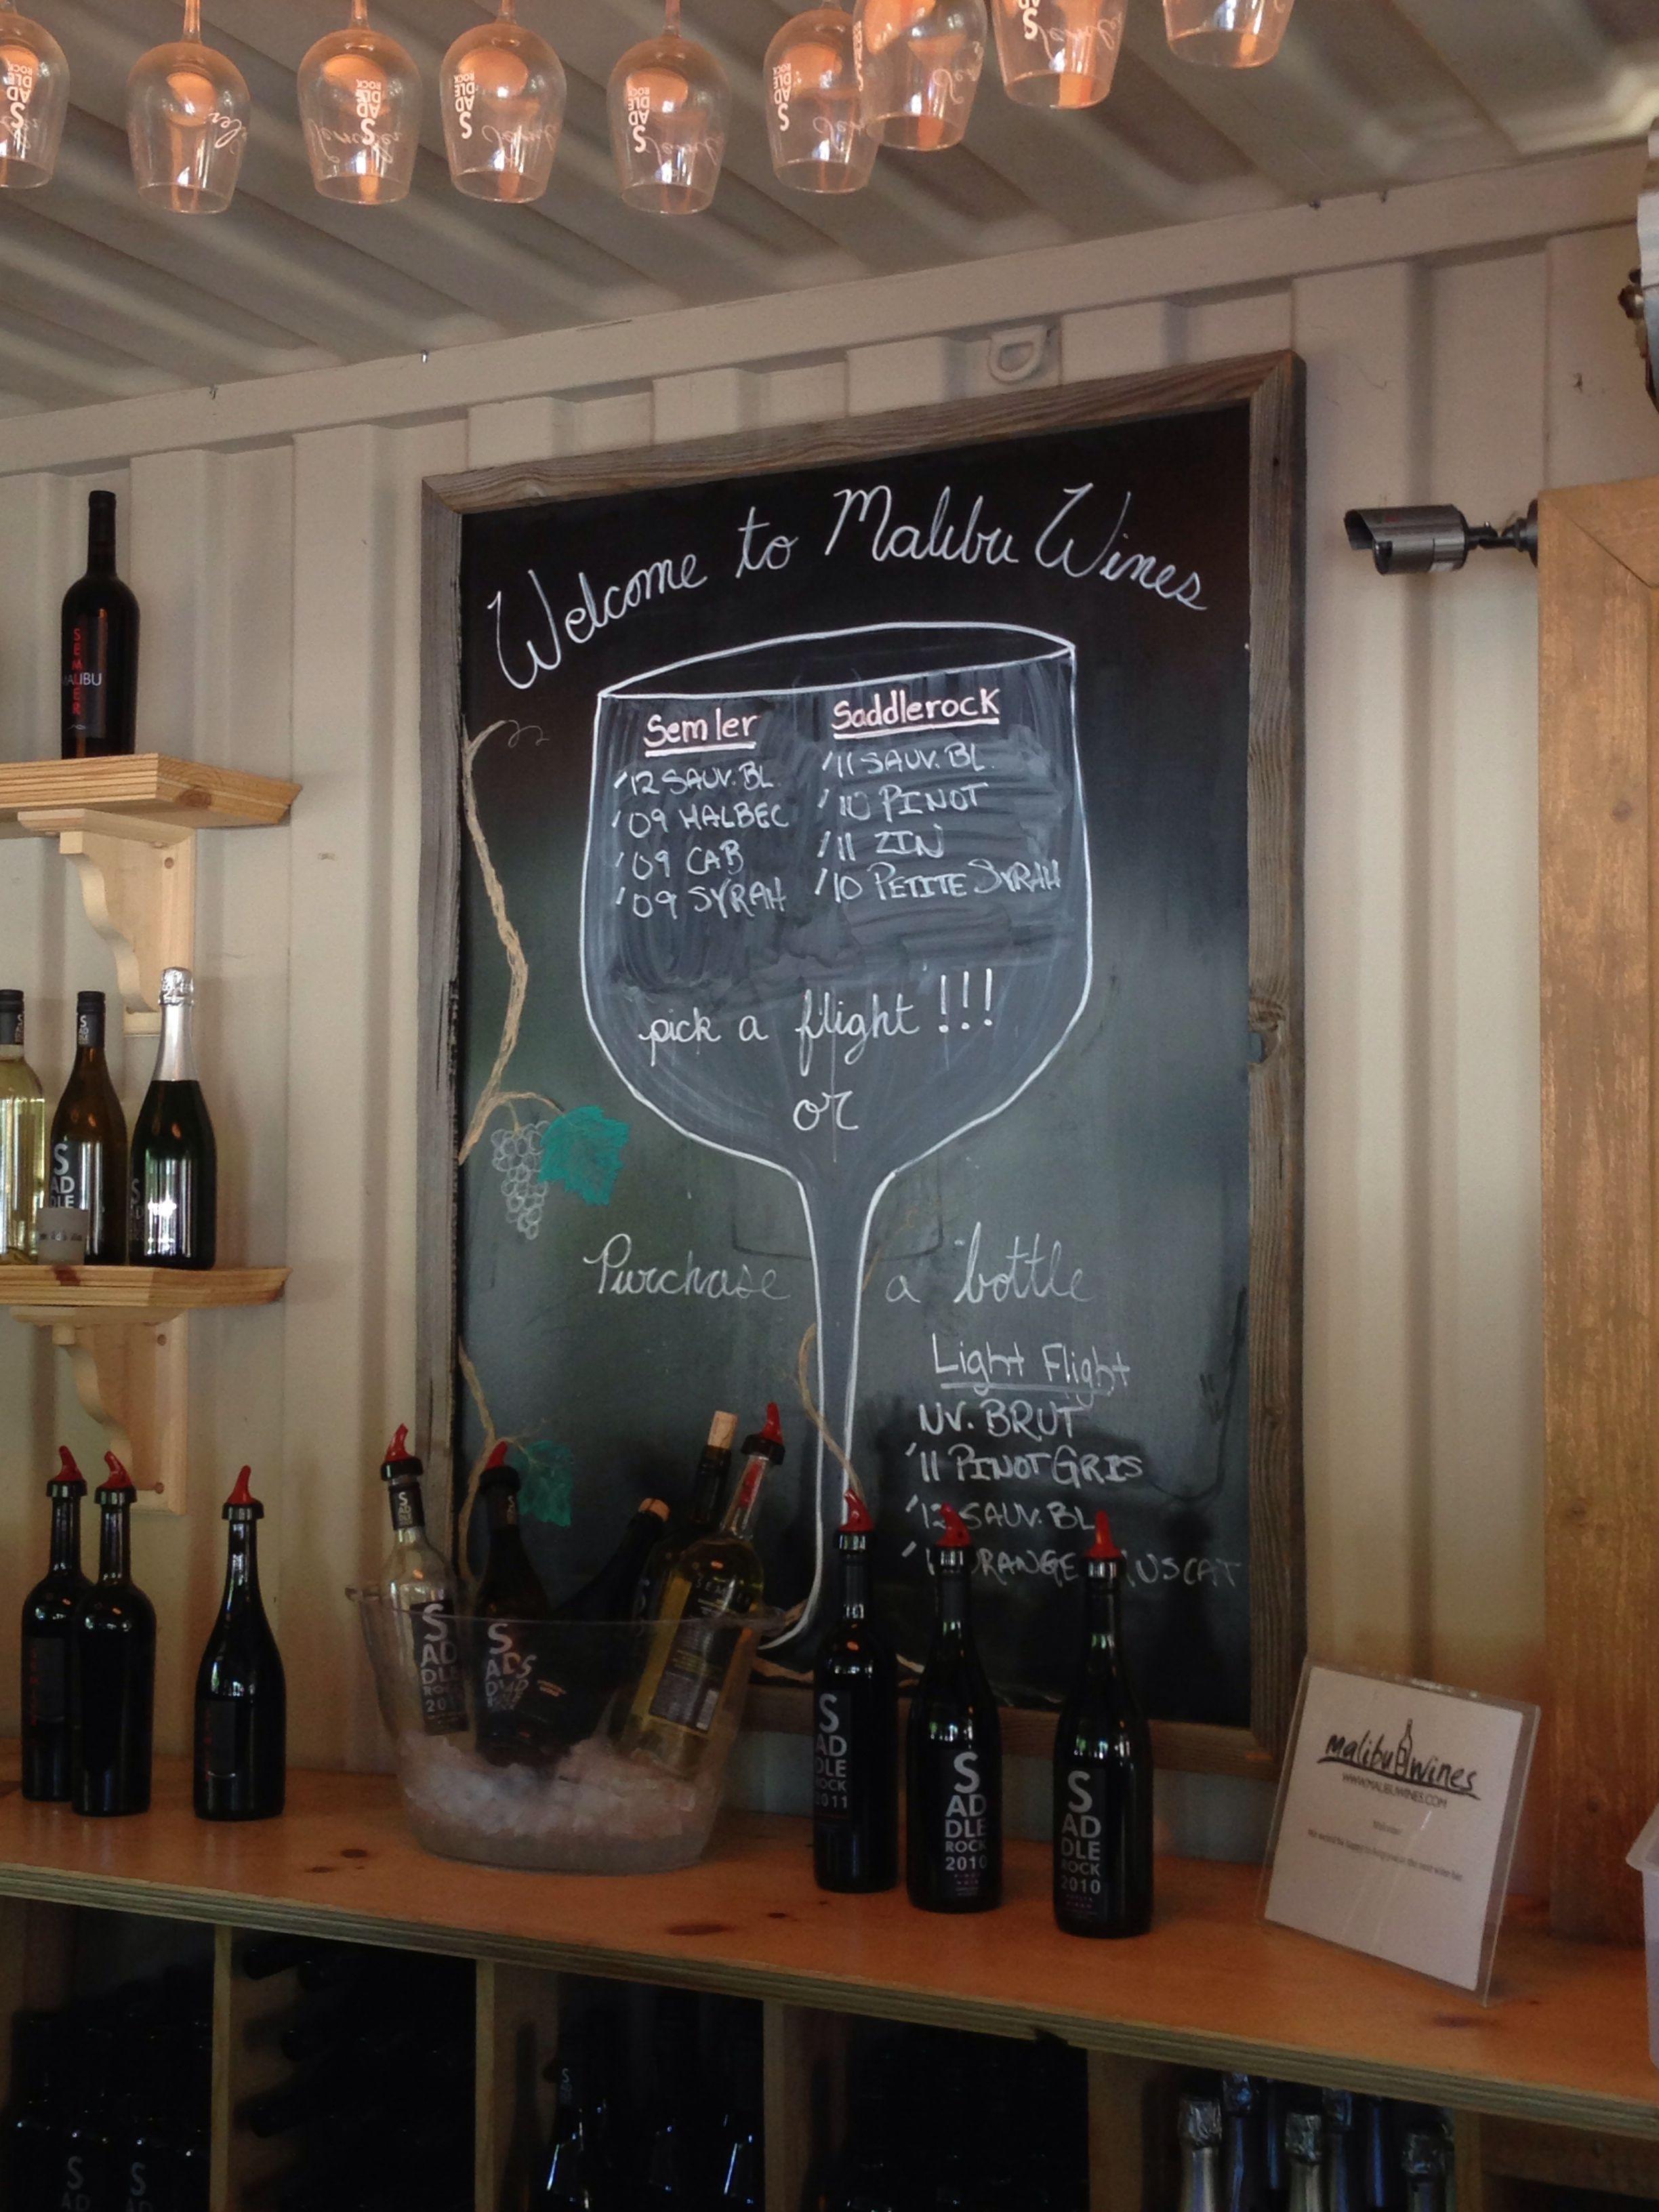 Malibu Wines Tasting Room